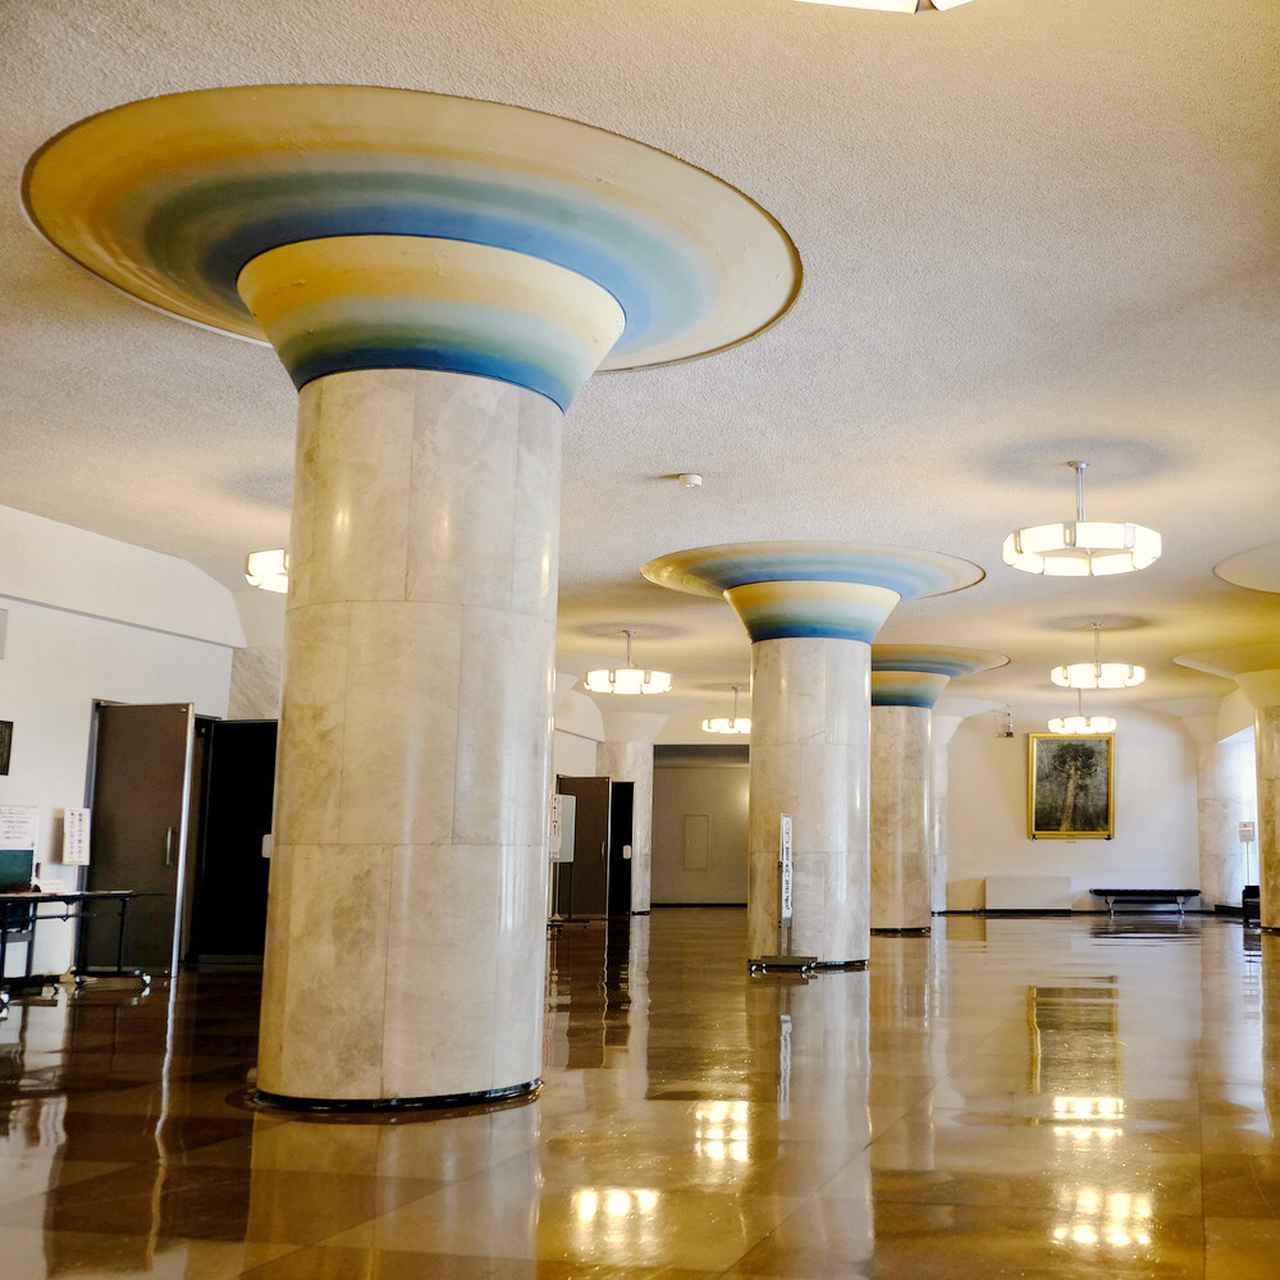 画像: ロビーの柱は一種独特です。大理石の円柱と天井をつなぐ部分はきのこの笠のように広がり、グラデーションがつけられています。